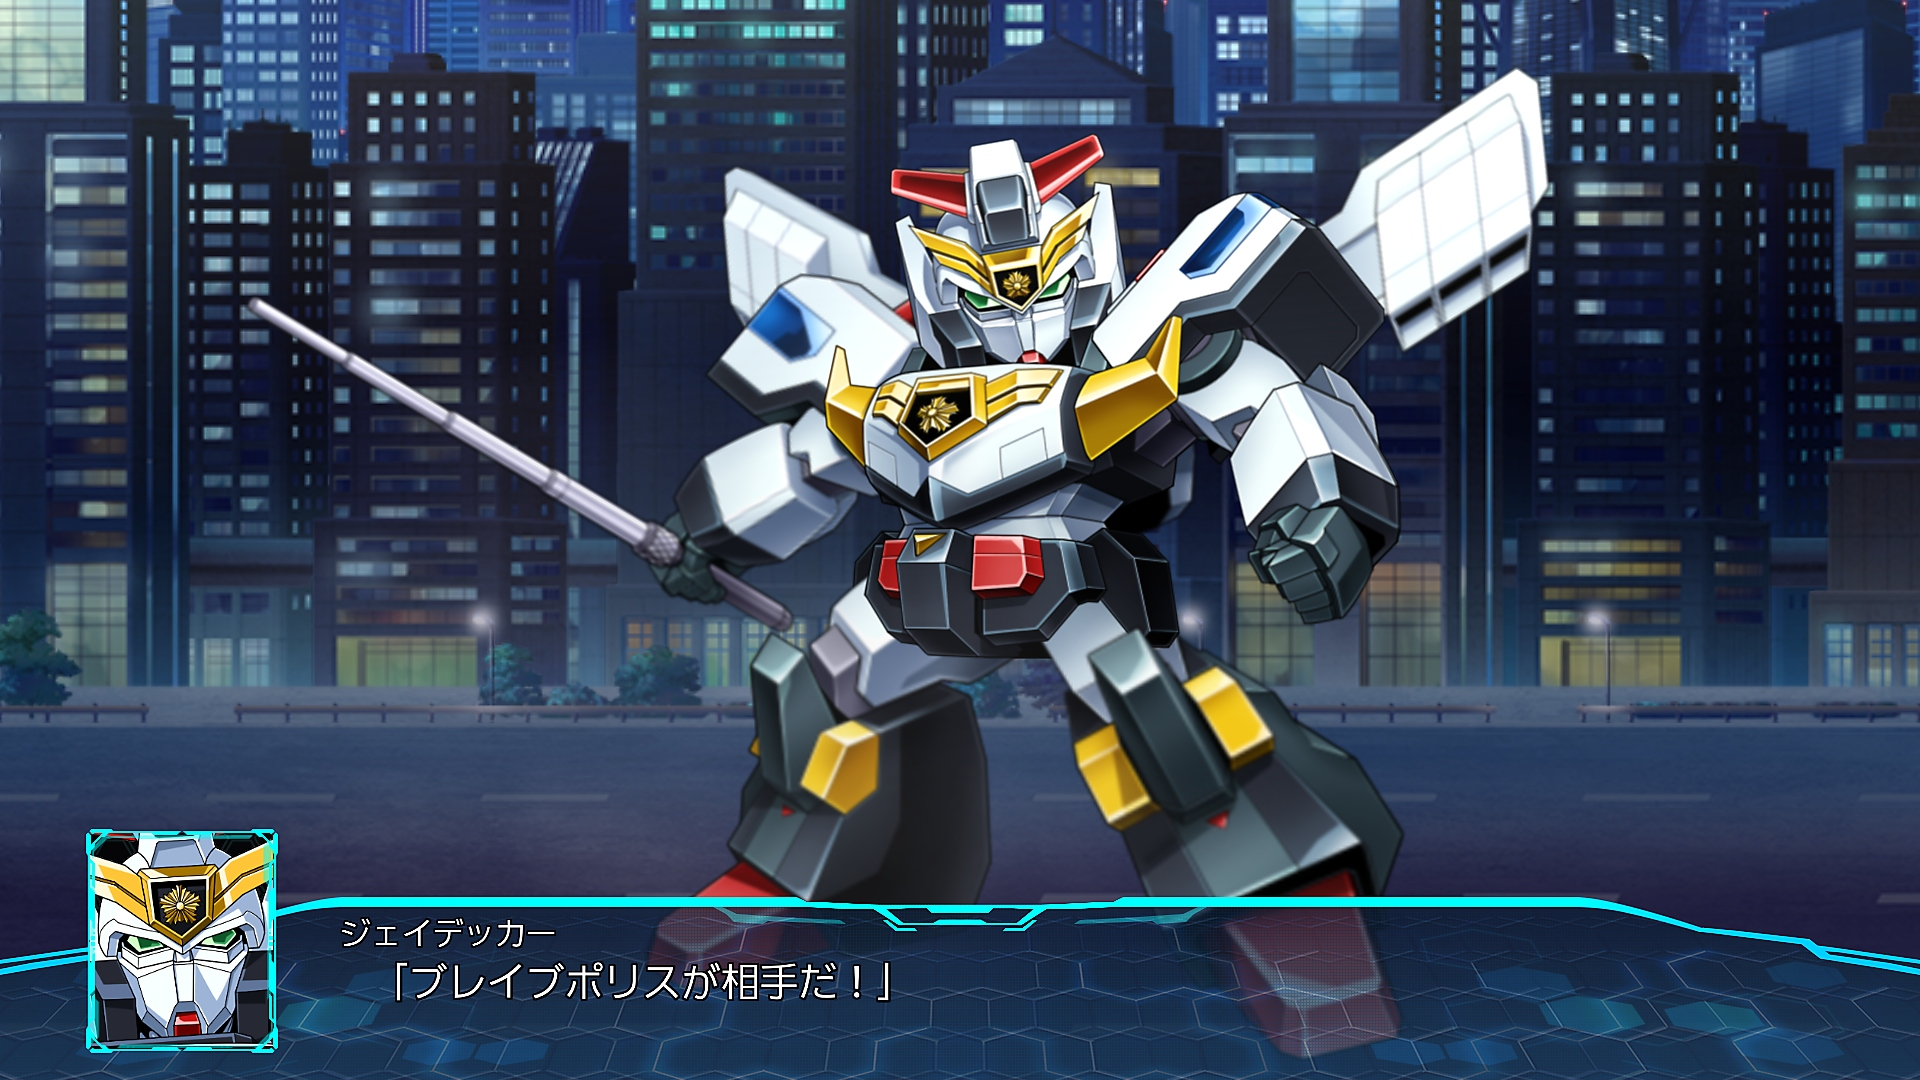 スーパーロボット大戦30 - Gallery Screenshot 3